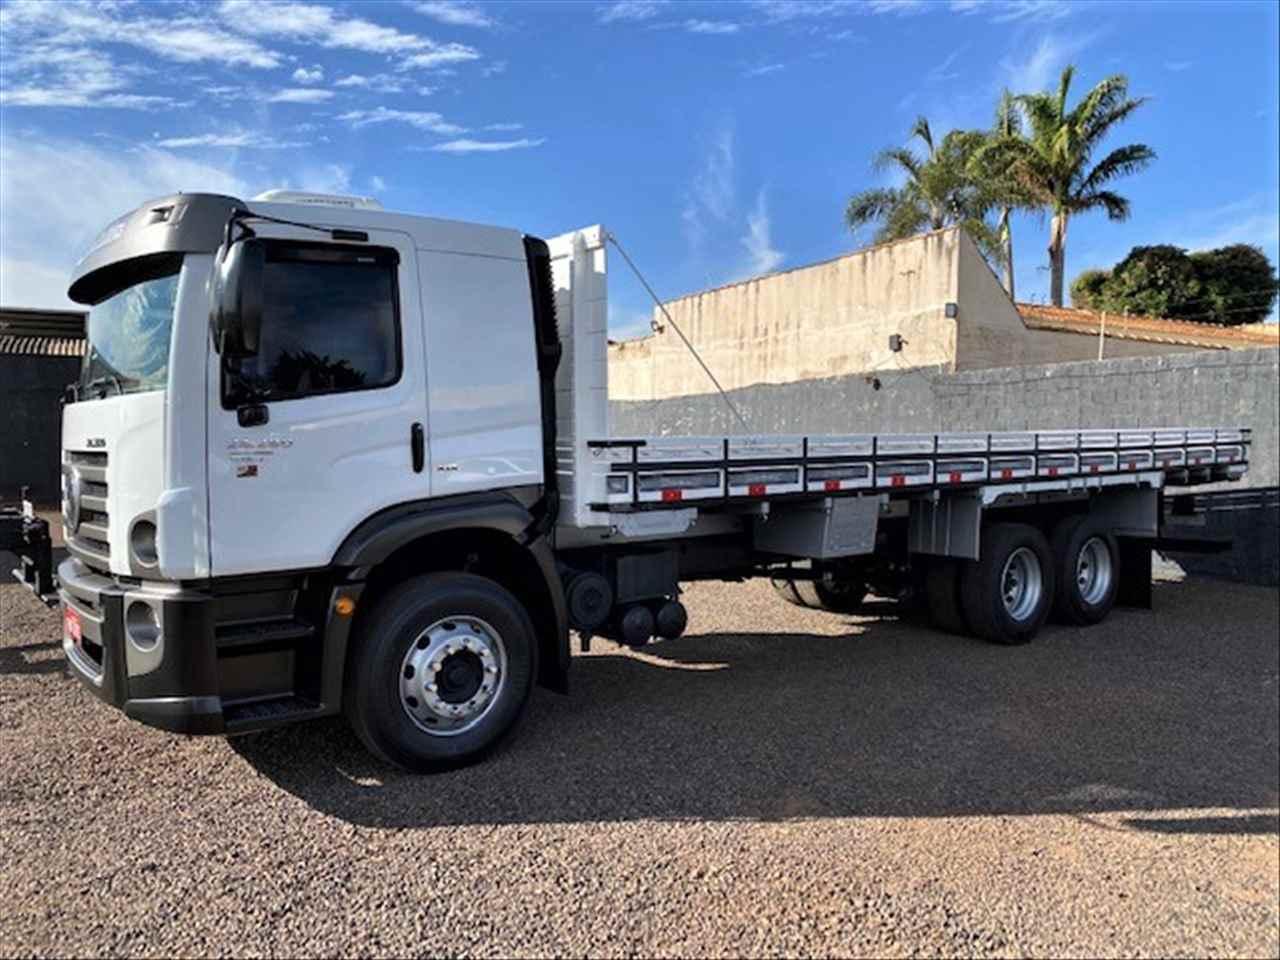 CAMINHAO VOLKSWAGEN VW 24280 Carga Seca Truck 6x2 Jaime Caminhões RIBEIRAO PRETO SÃO PAULO SP